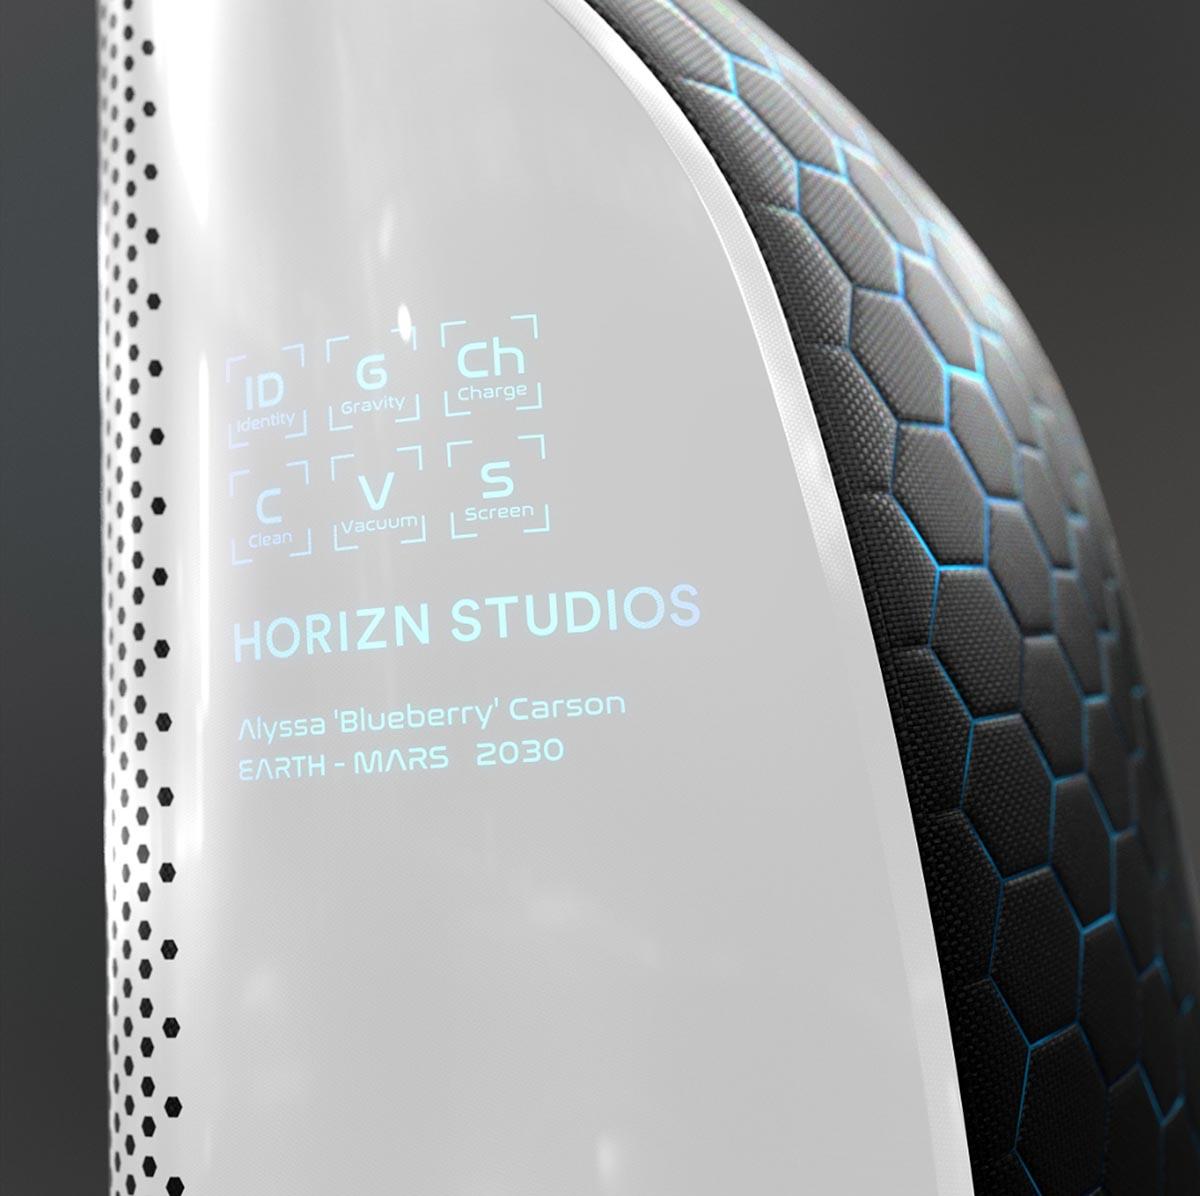 Horizn-One-Horizn-Studios-05